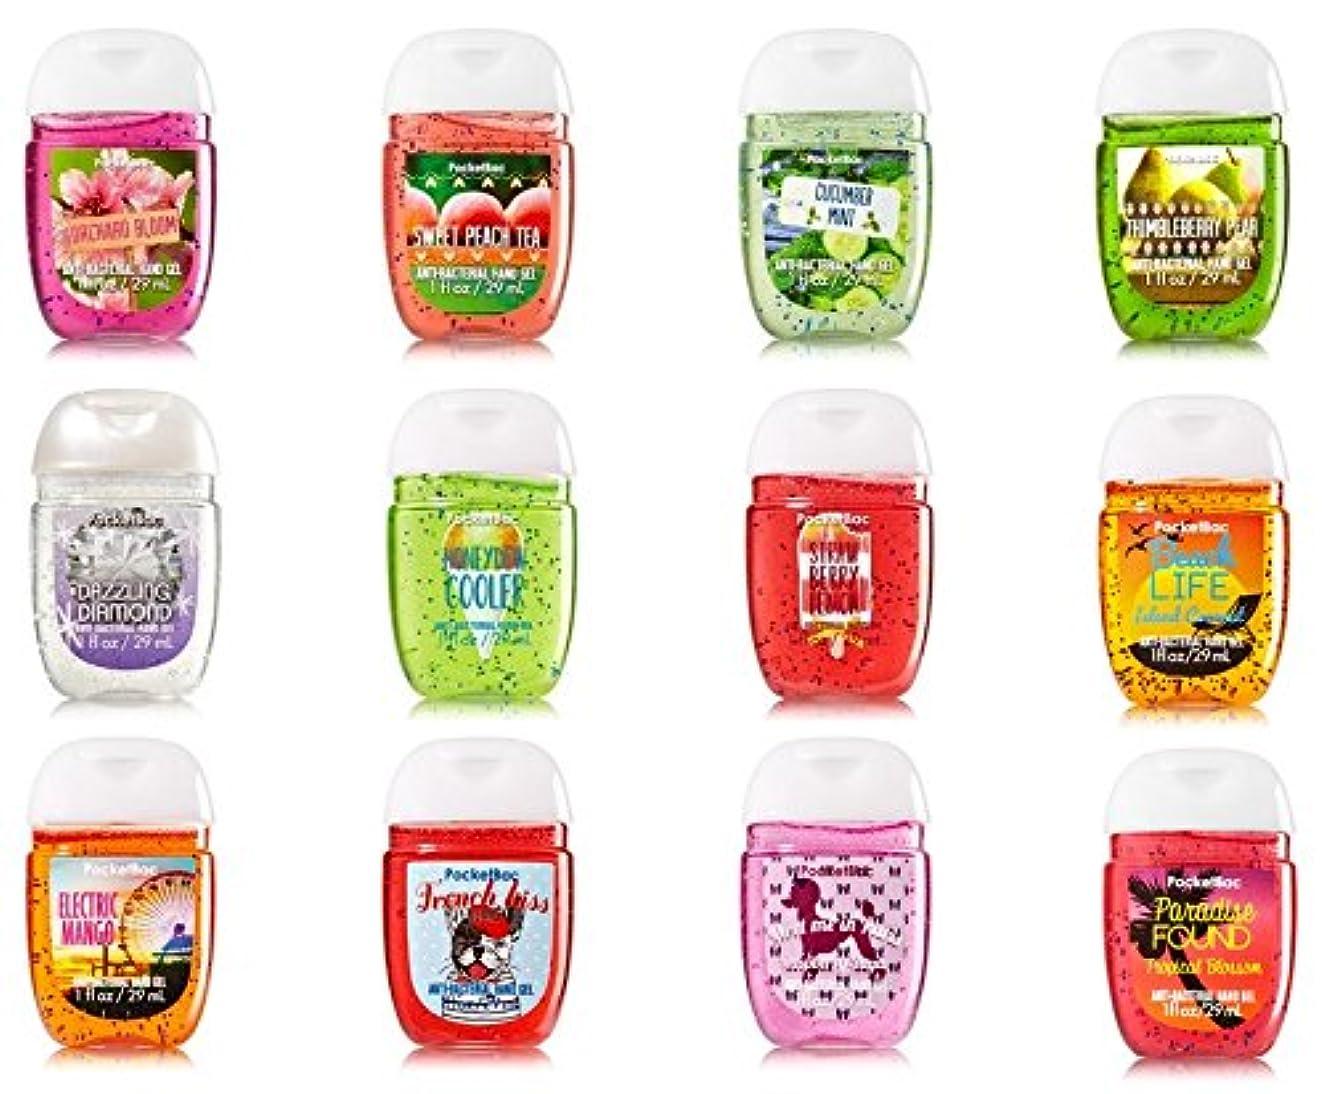 特派員ペース似ている【アメリカ直送】Bath & Body Works Pocketbac Variety 12pk  バス&ボディワークス 水のいらない消毒ジェル 抗菌ハンドジェル 12個セット 各29ml